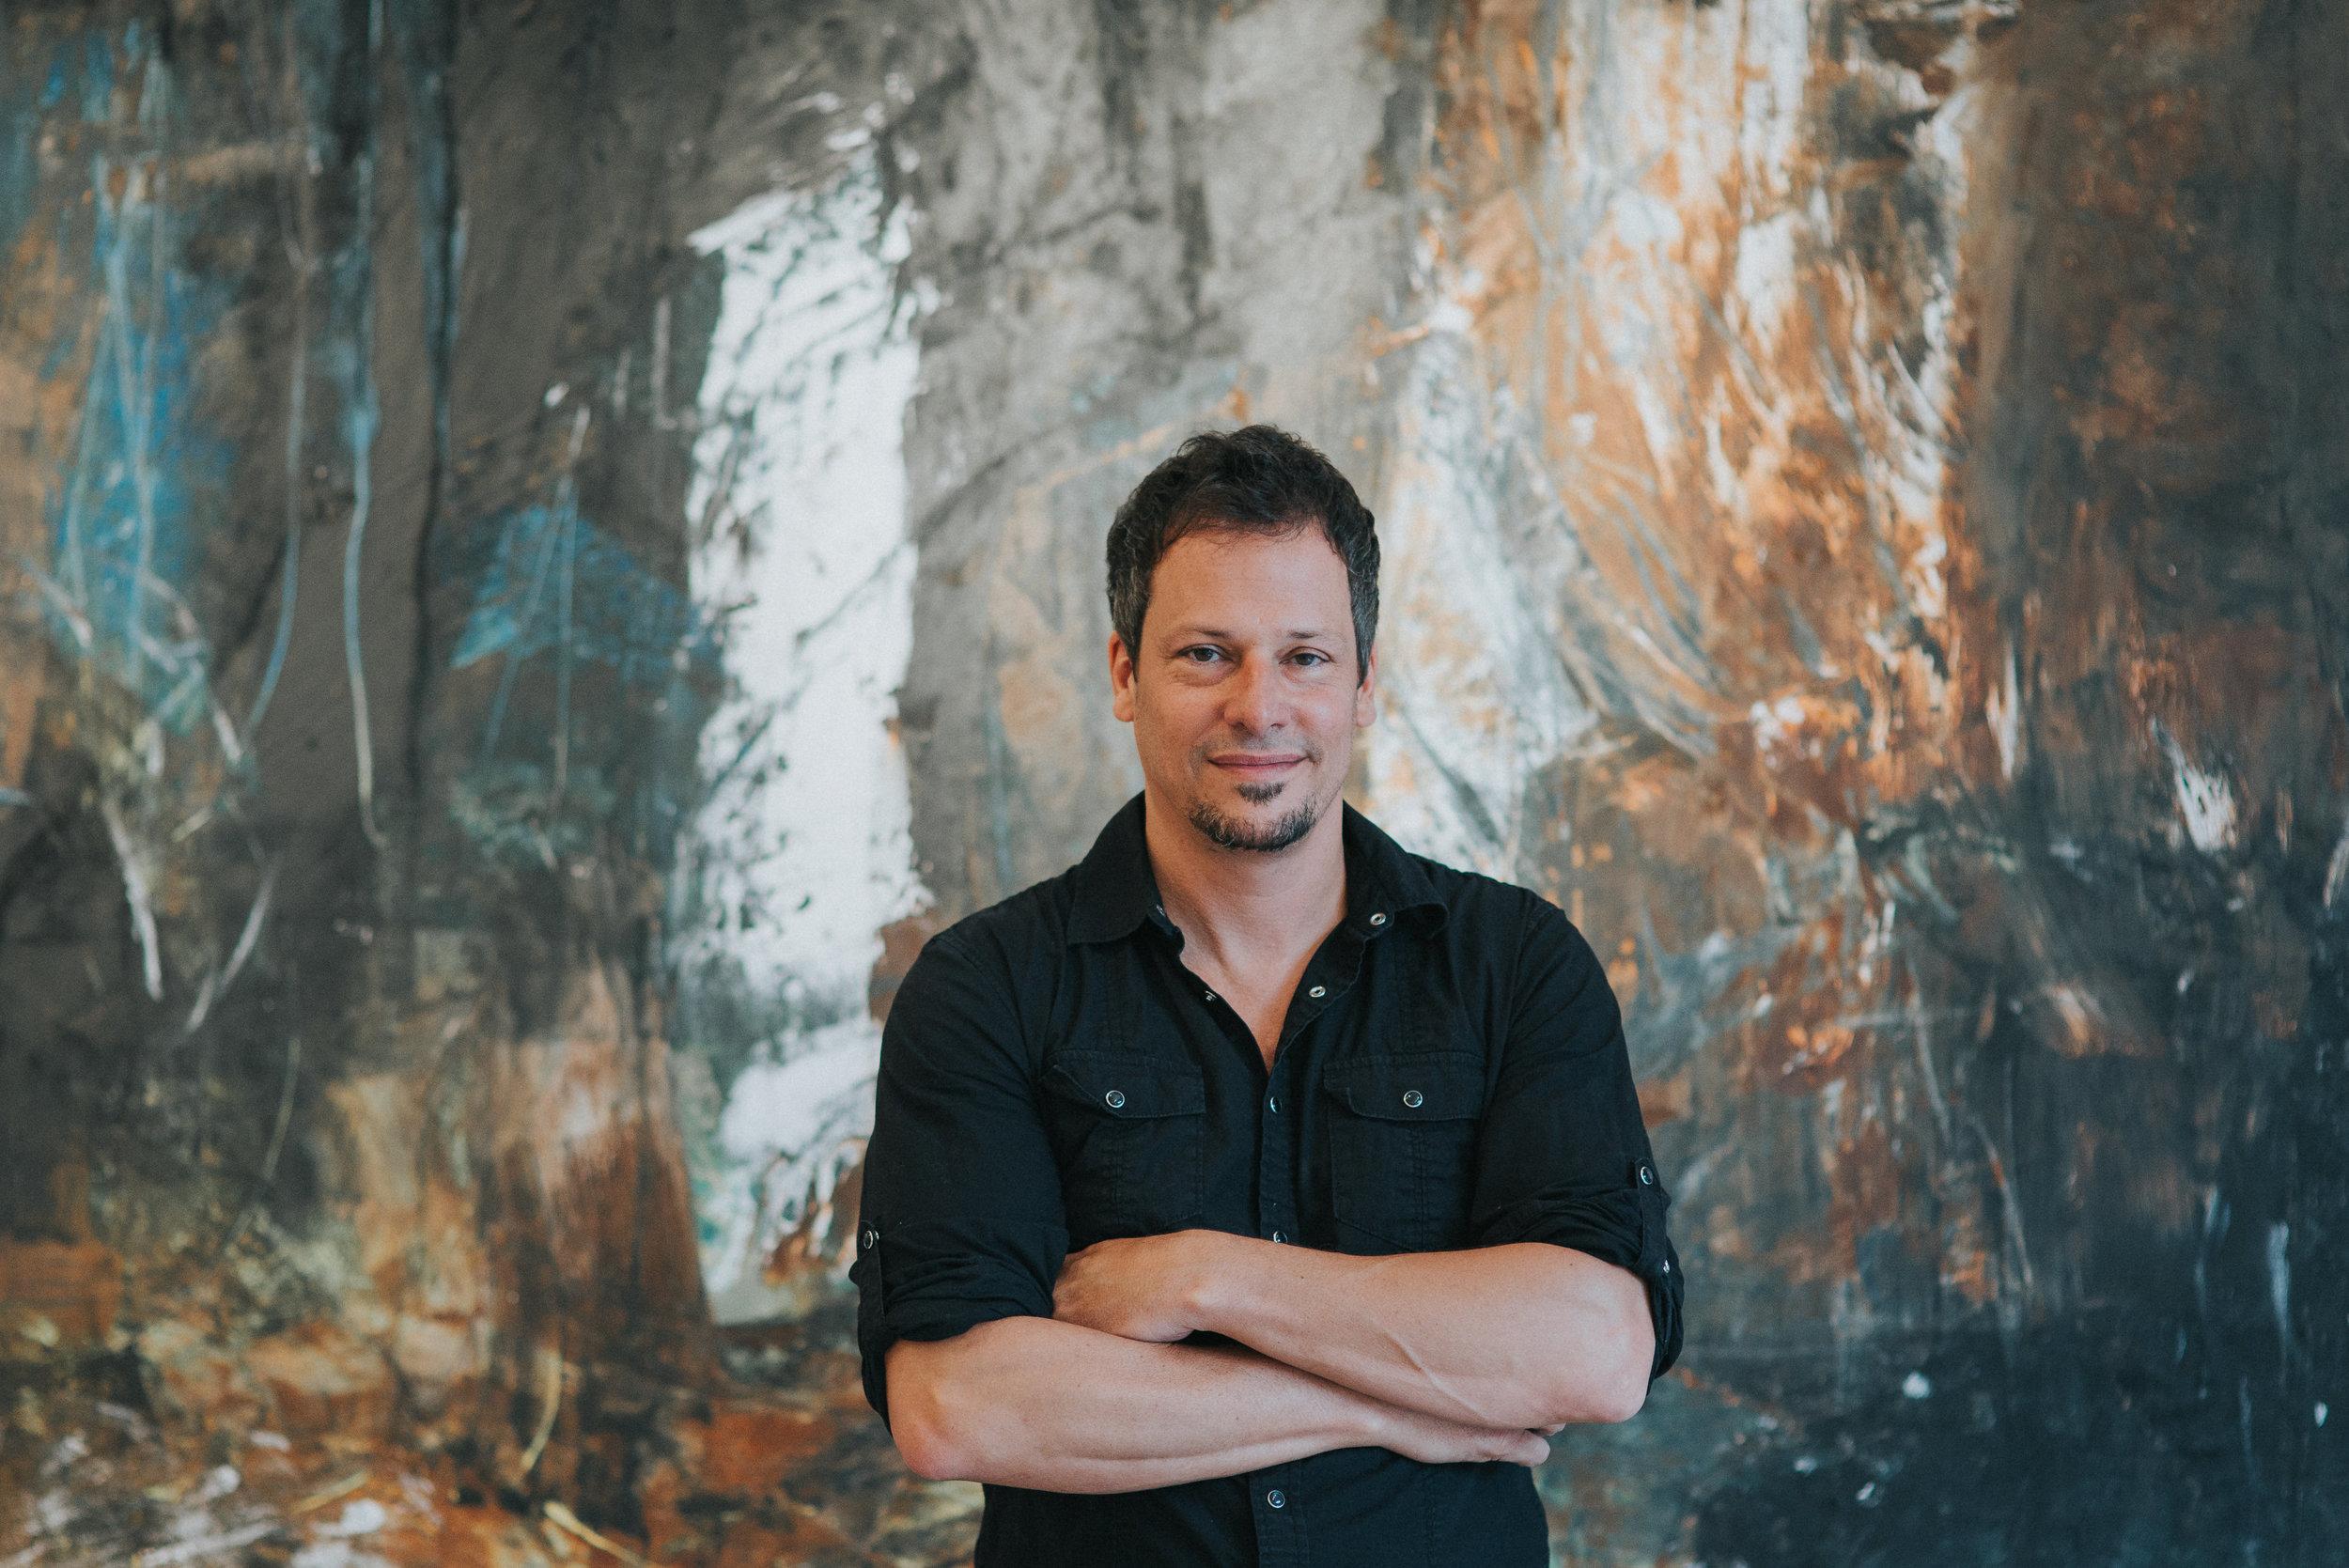 Michael Lotenaro portrait.jpg